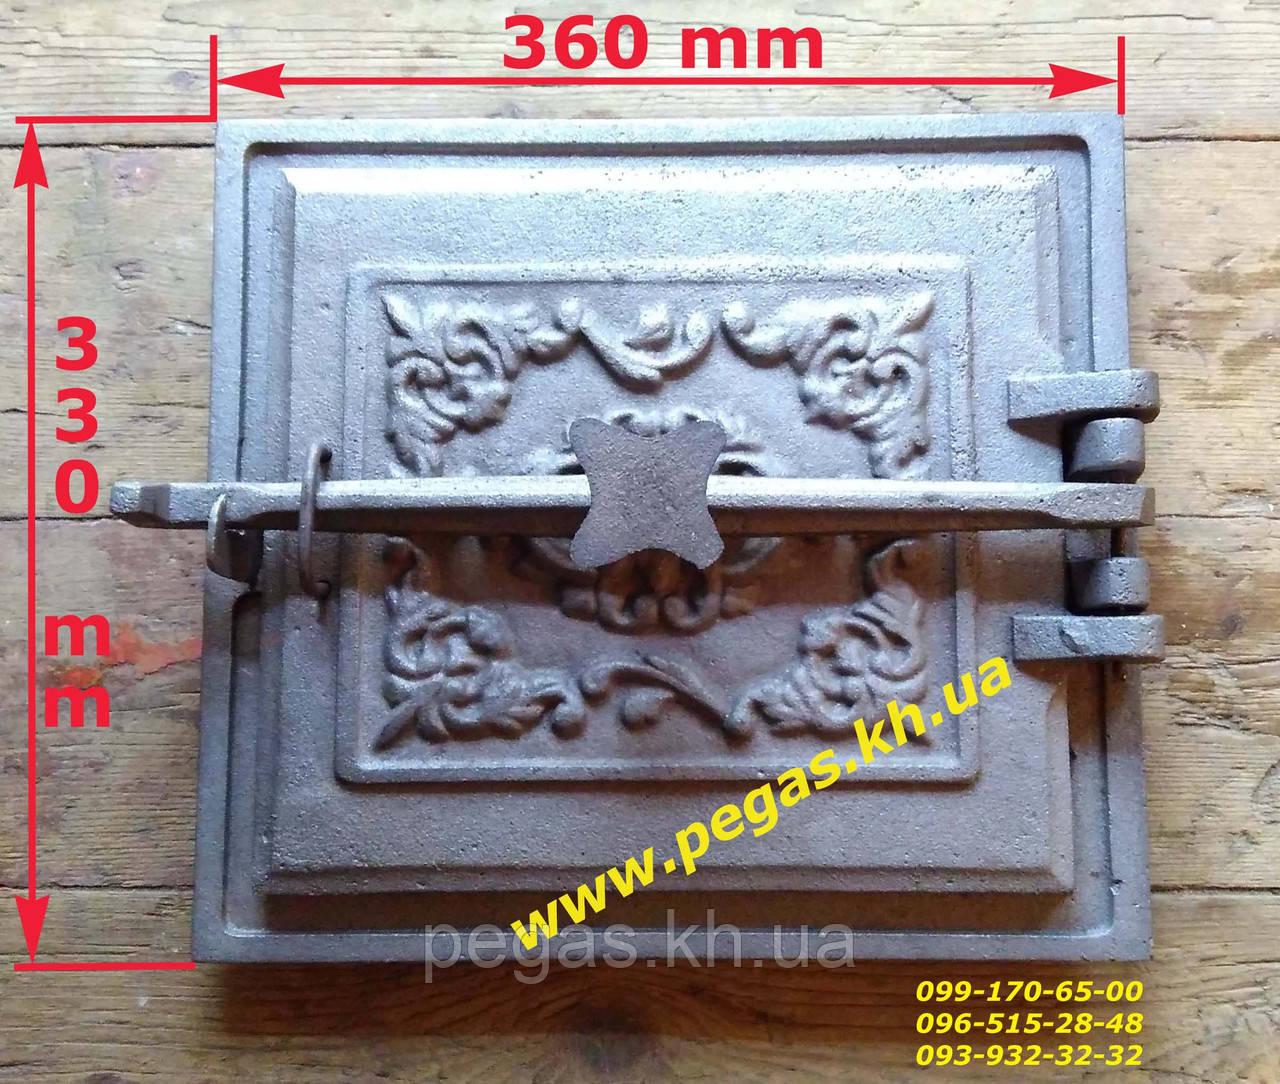 Дверка большая чугунное литье (330х360 мм) грубу, печи, мангал, барбекю